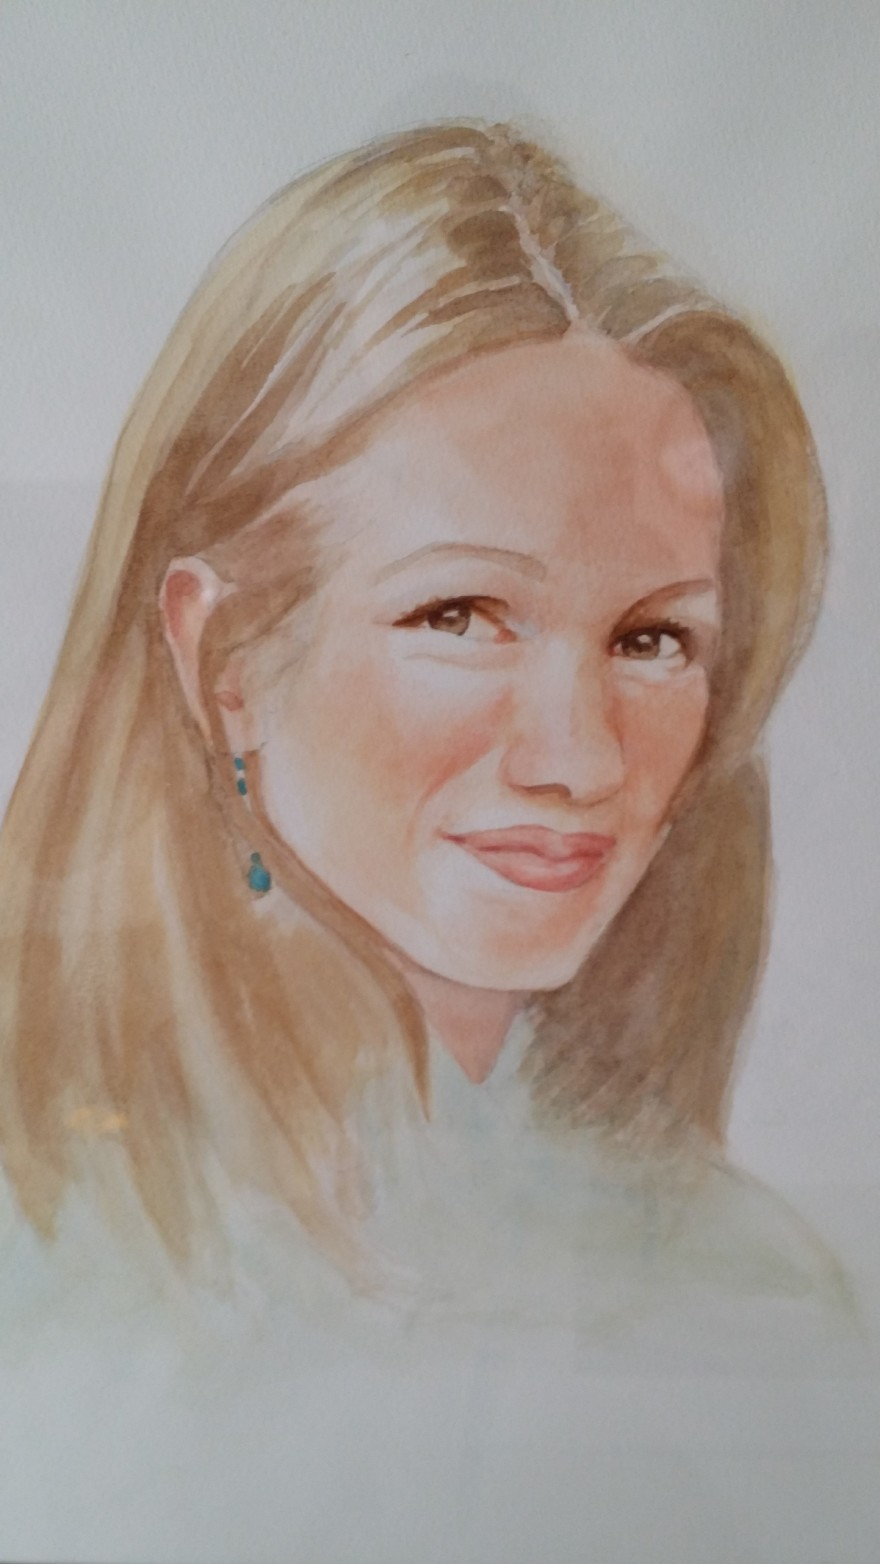 Portret van Sabine geschilderd door C. Leerentveld